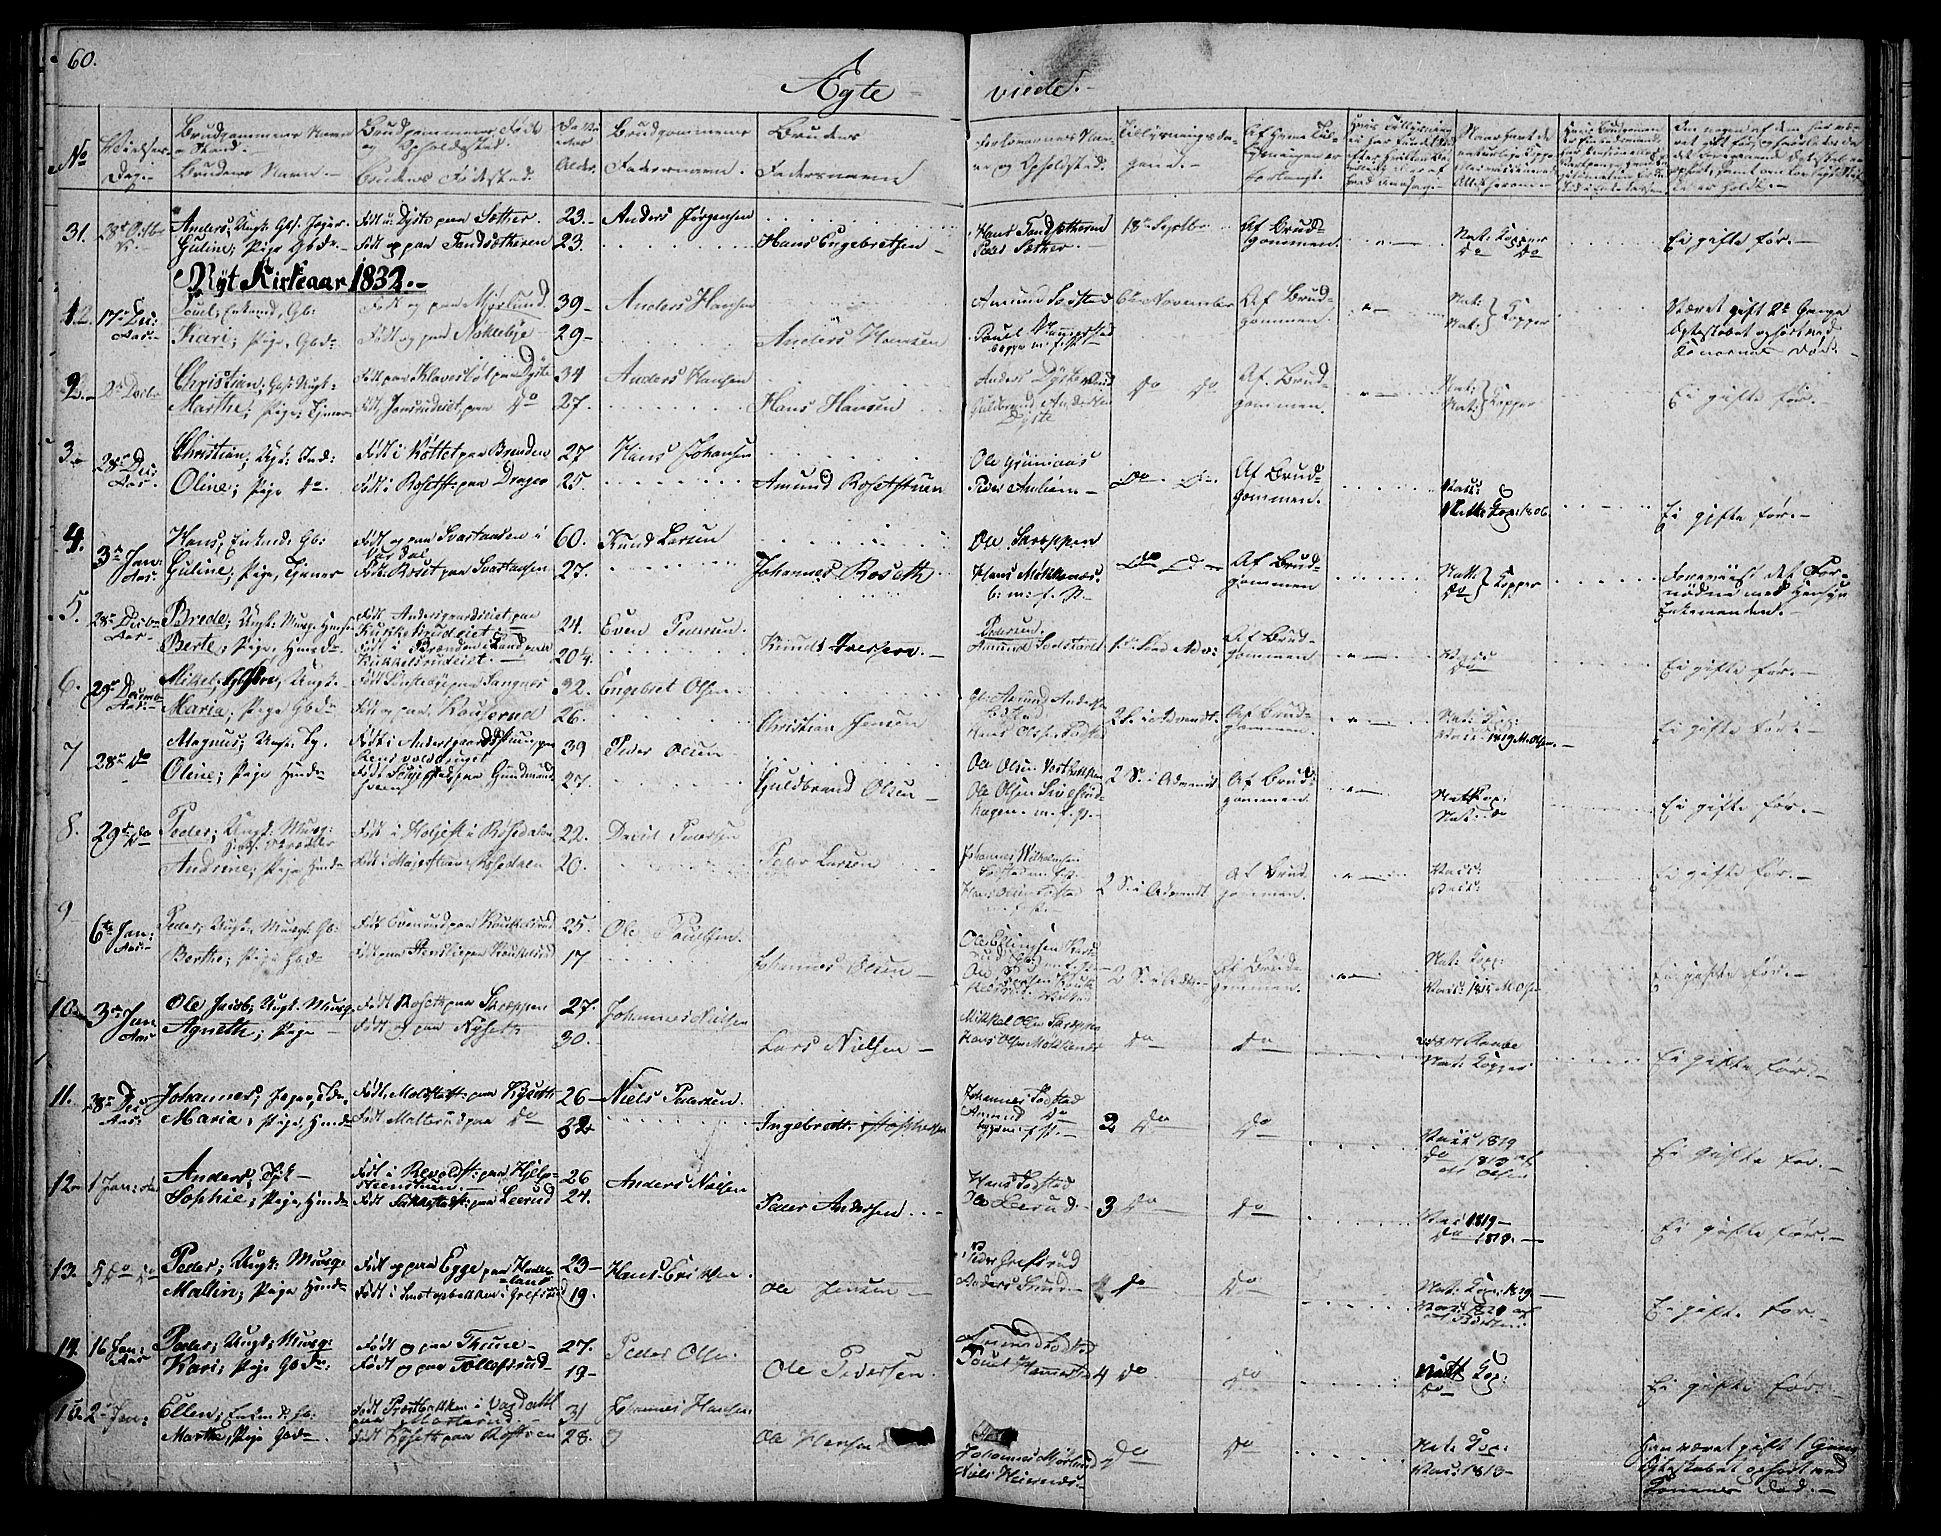 SAH, Vestre Toten prestekontor, H/Ha/Hab/L0001: Klokkerbok nr. 1, 1830-1836, s. 60